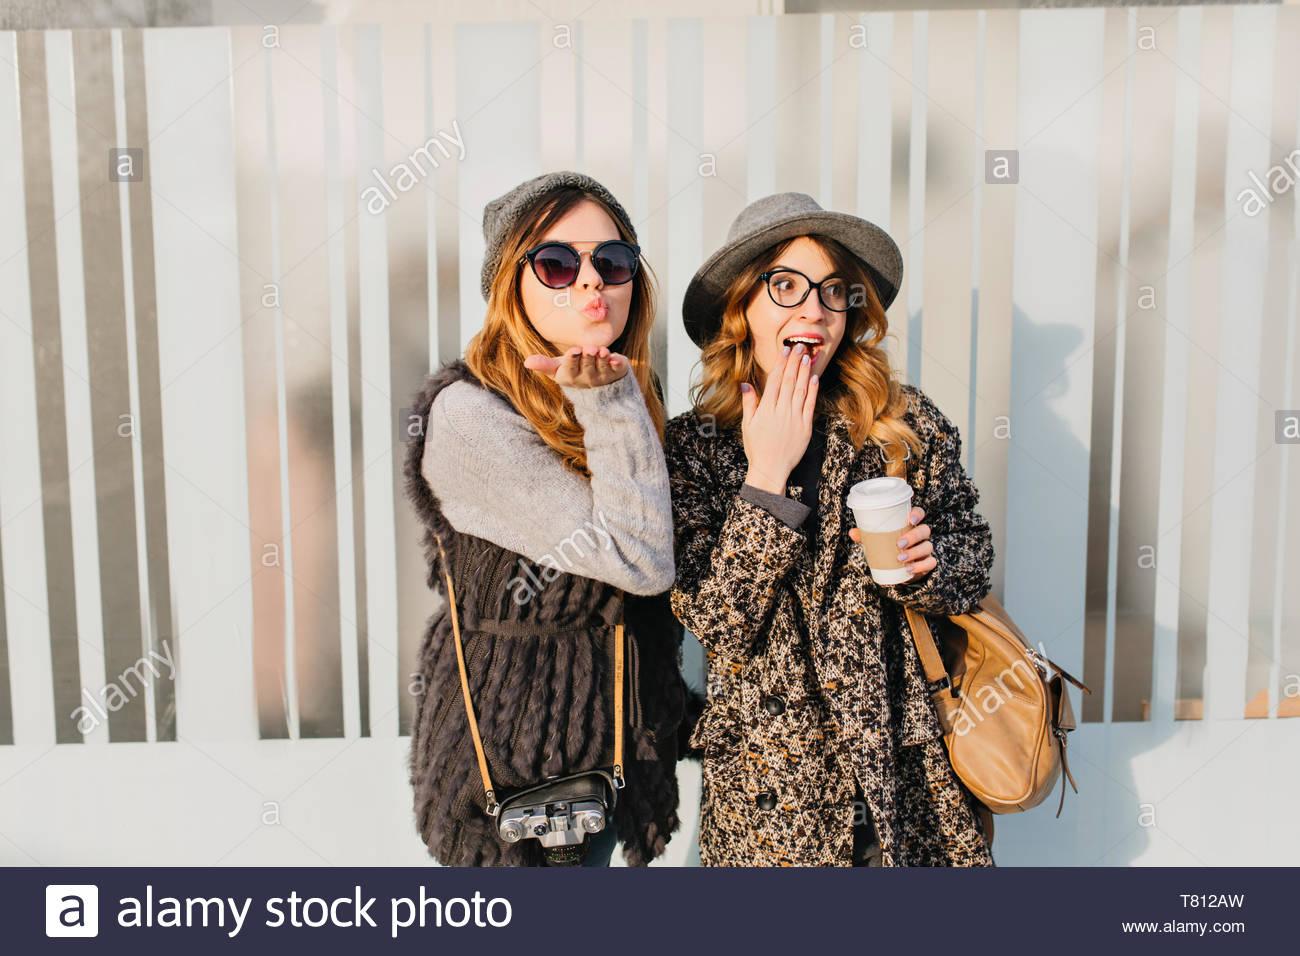 Ritratto di due eleganti funny felice ragazze divertirsi sulle strade della città. Giornata soleggiata della elegante giovane donna che viaggiano insieme, esprimendo una positività, emozioni vere e giocoso, godendo del sole e sorridente Immagini Stock